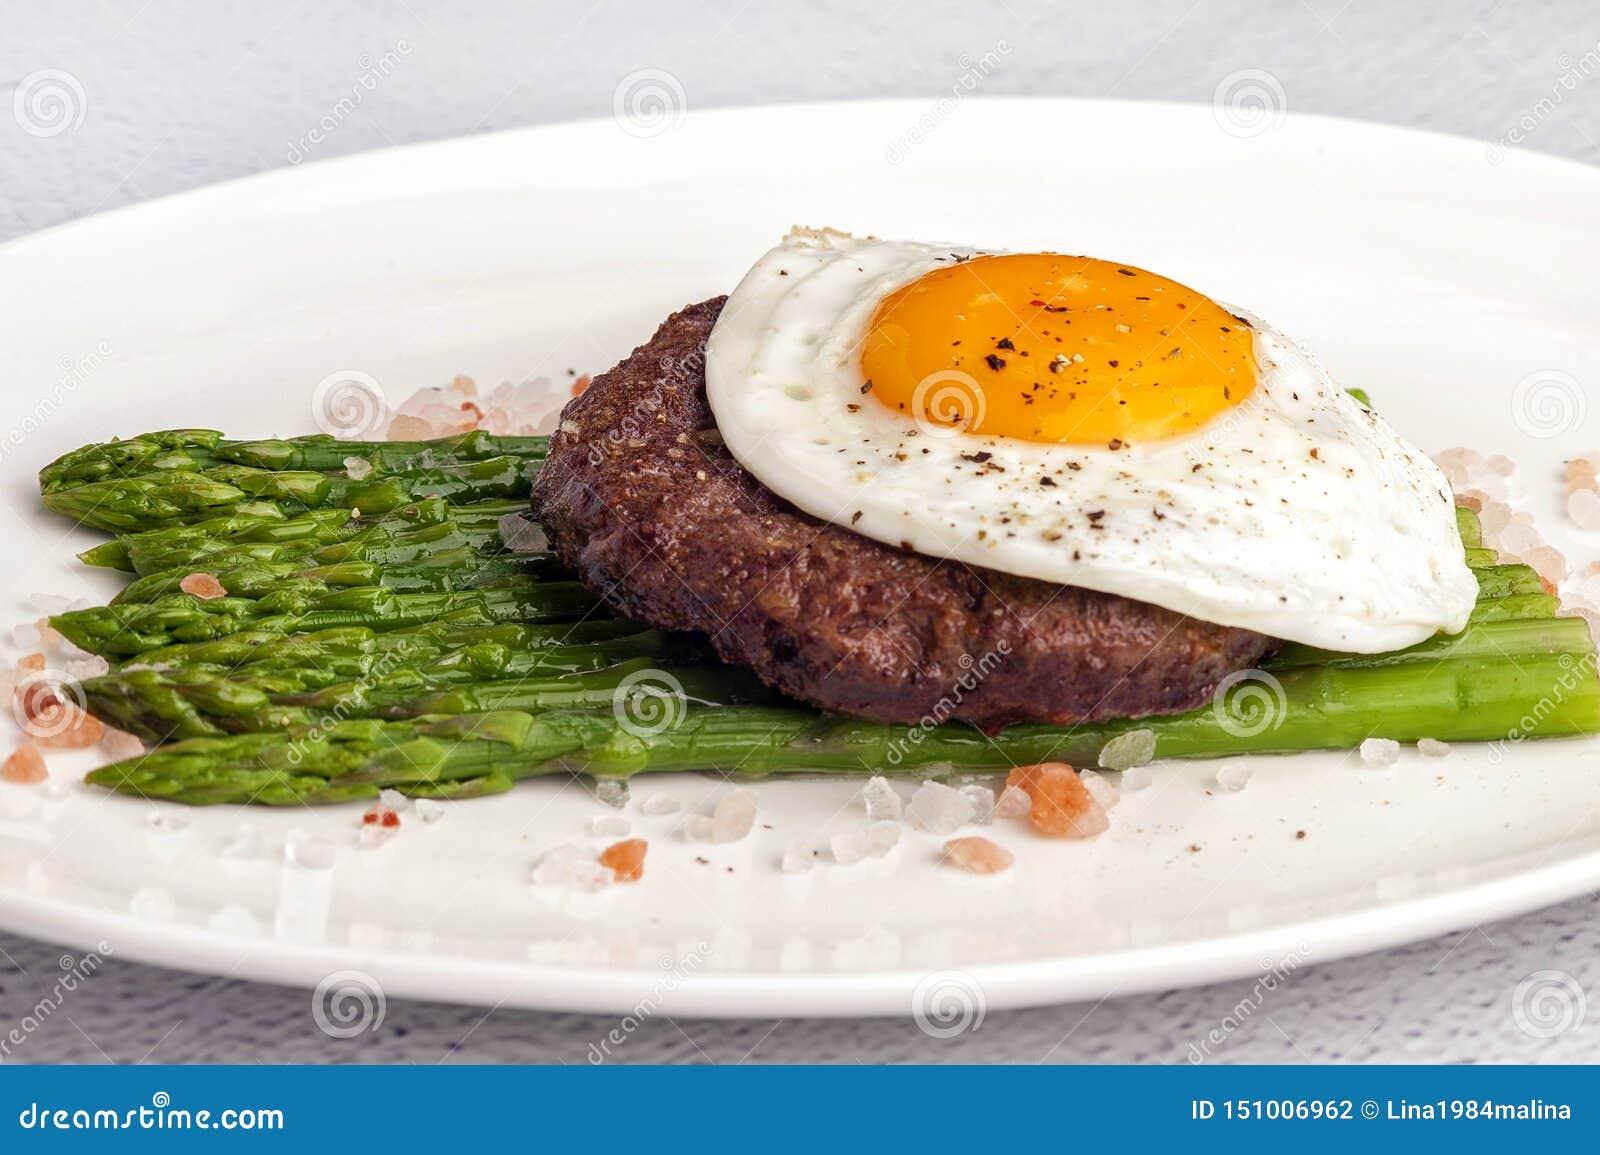 Μπριζόλα από το κομματιασμένο βόειο κρέας με τα τηγανισμένα αυγά και το φρέσκο πράσινο σπαράγγι